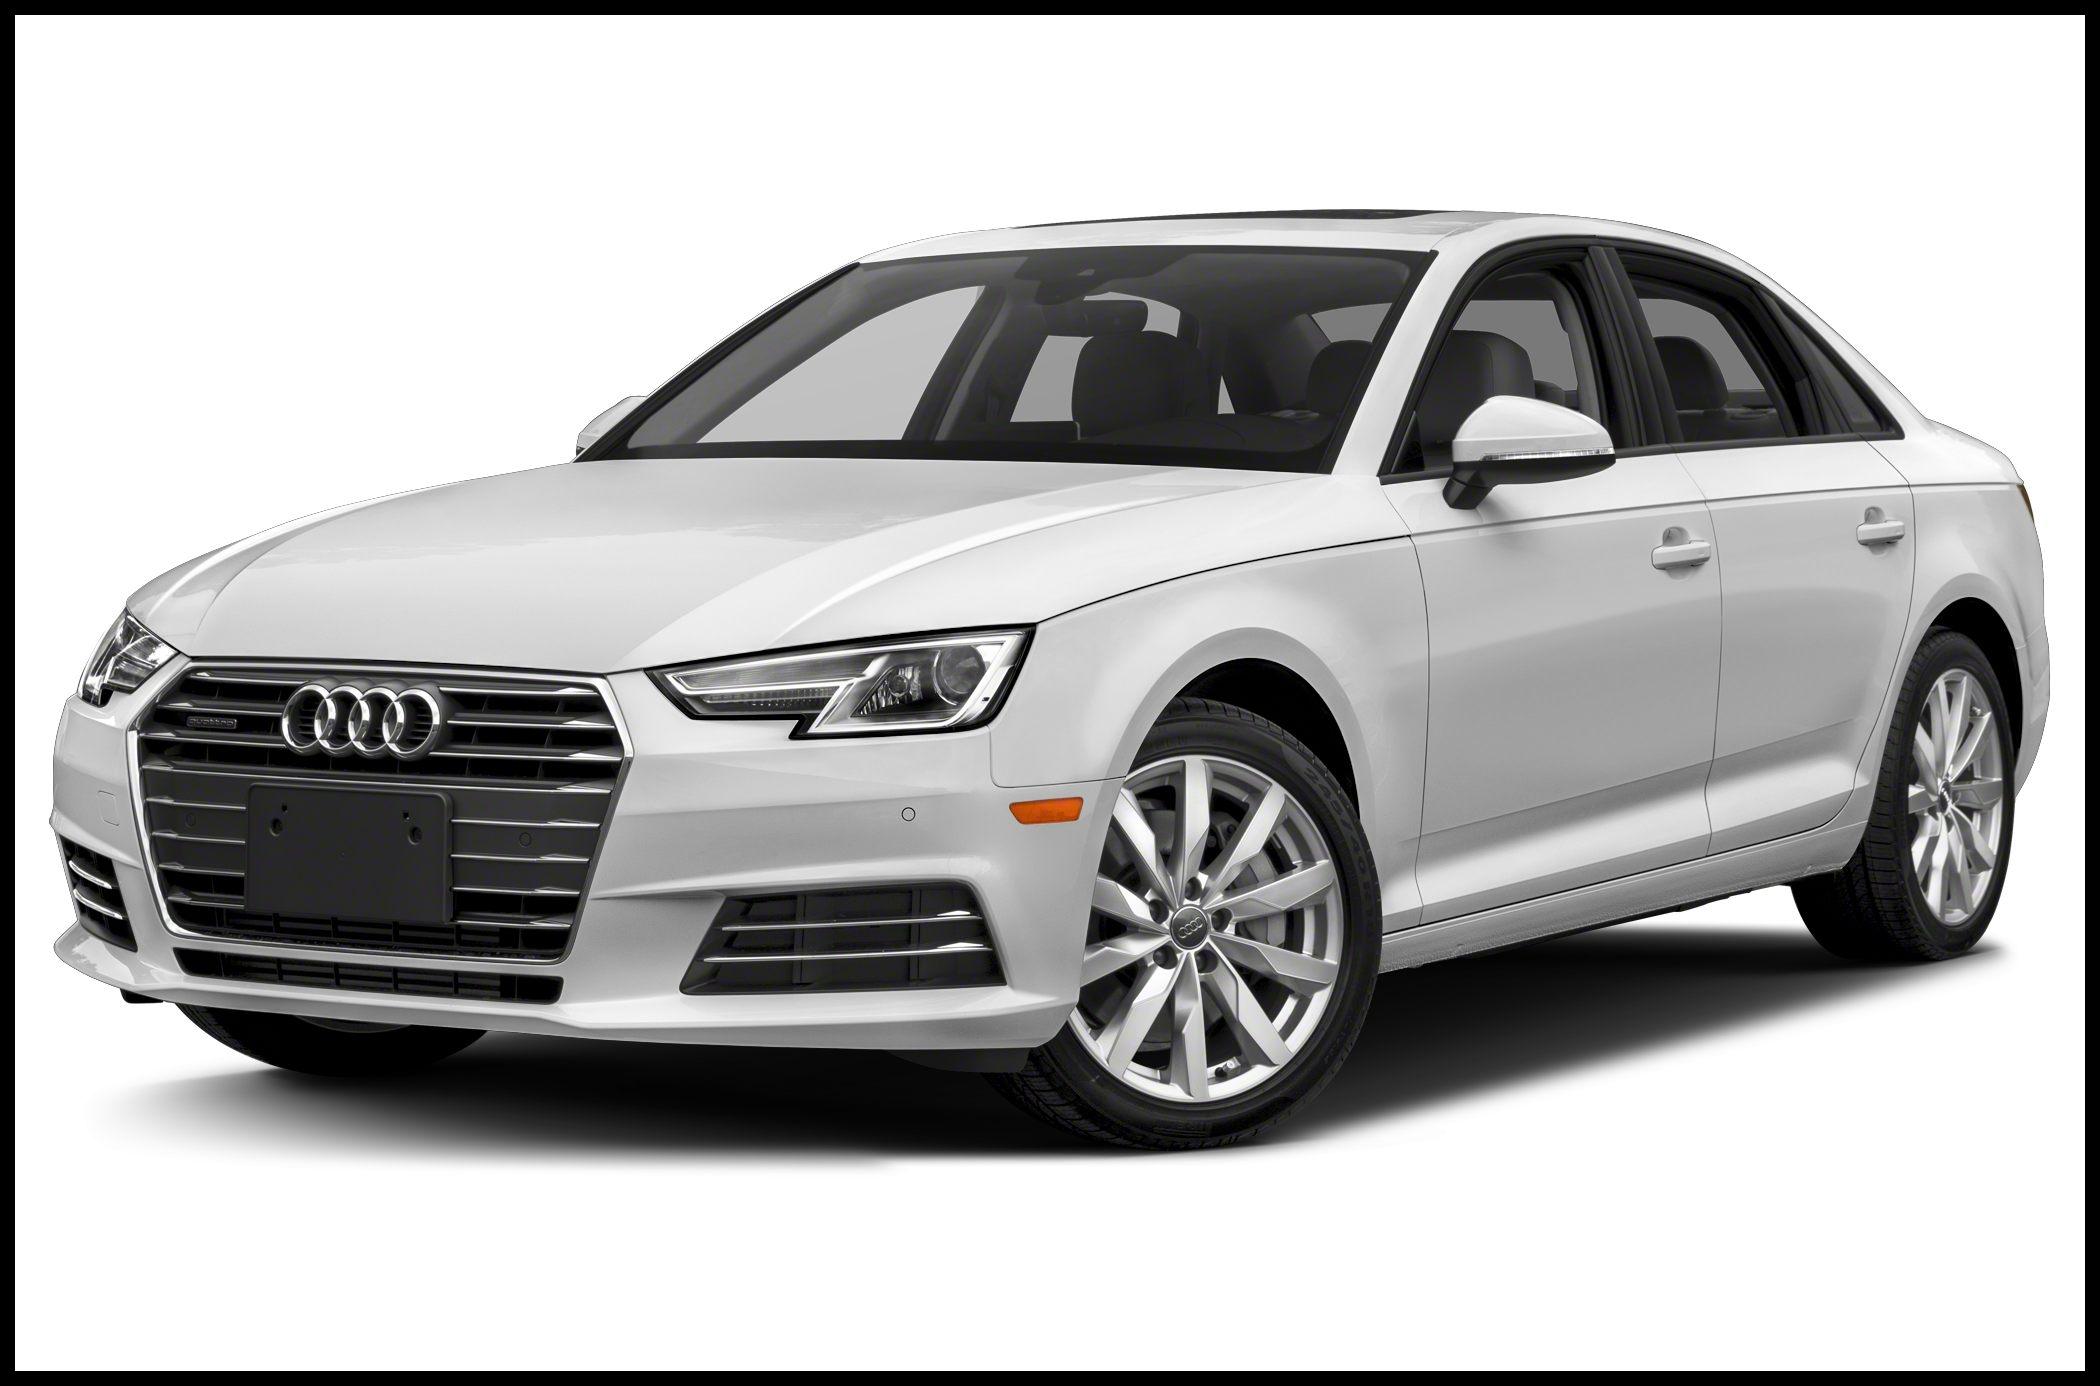 2017 Audi A4 2 0T Premium 4dr All wheel Drive quattro Sedan Specs and Prices